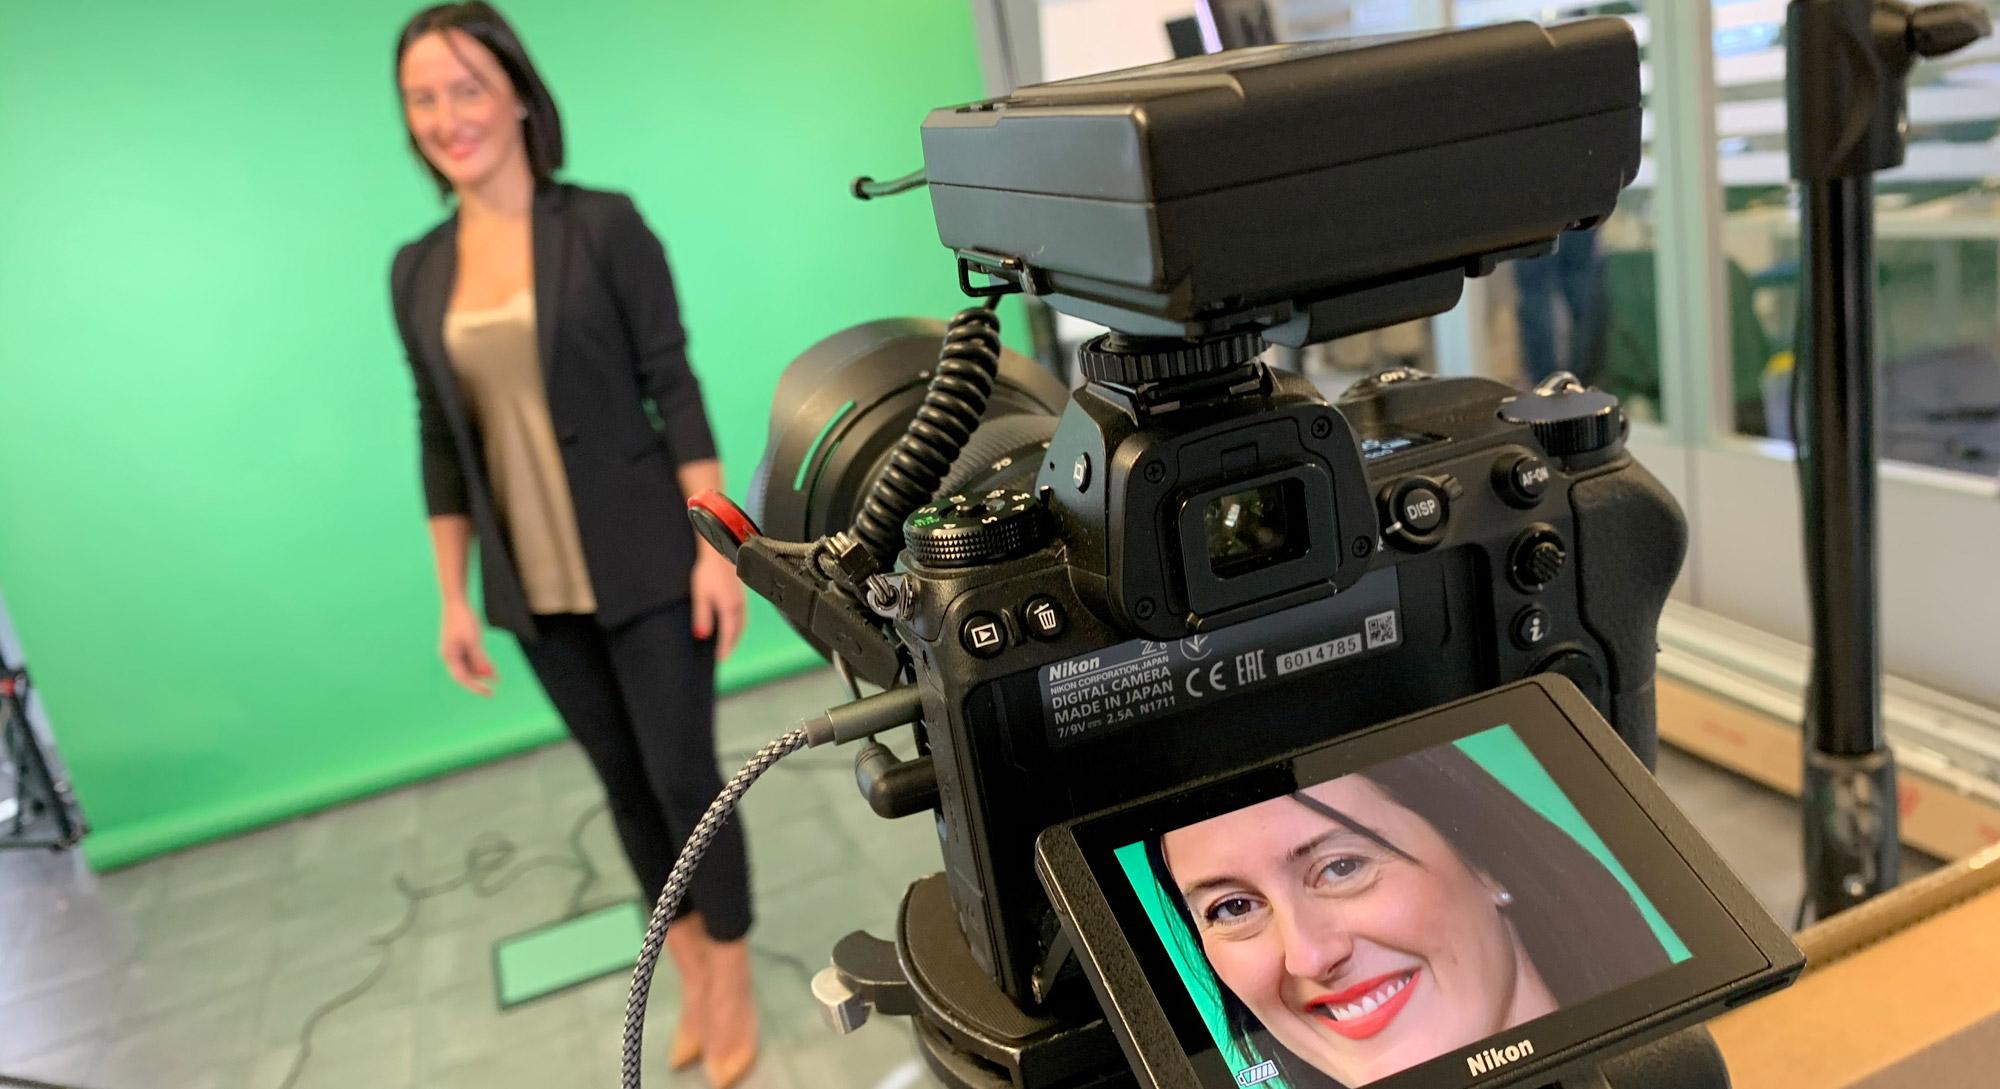 Tutti i nostri consigli e i progetti che ci appassionano raccontati nei video di Elena Malquati